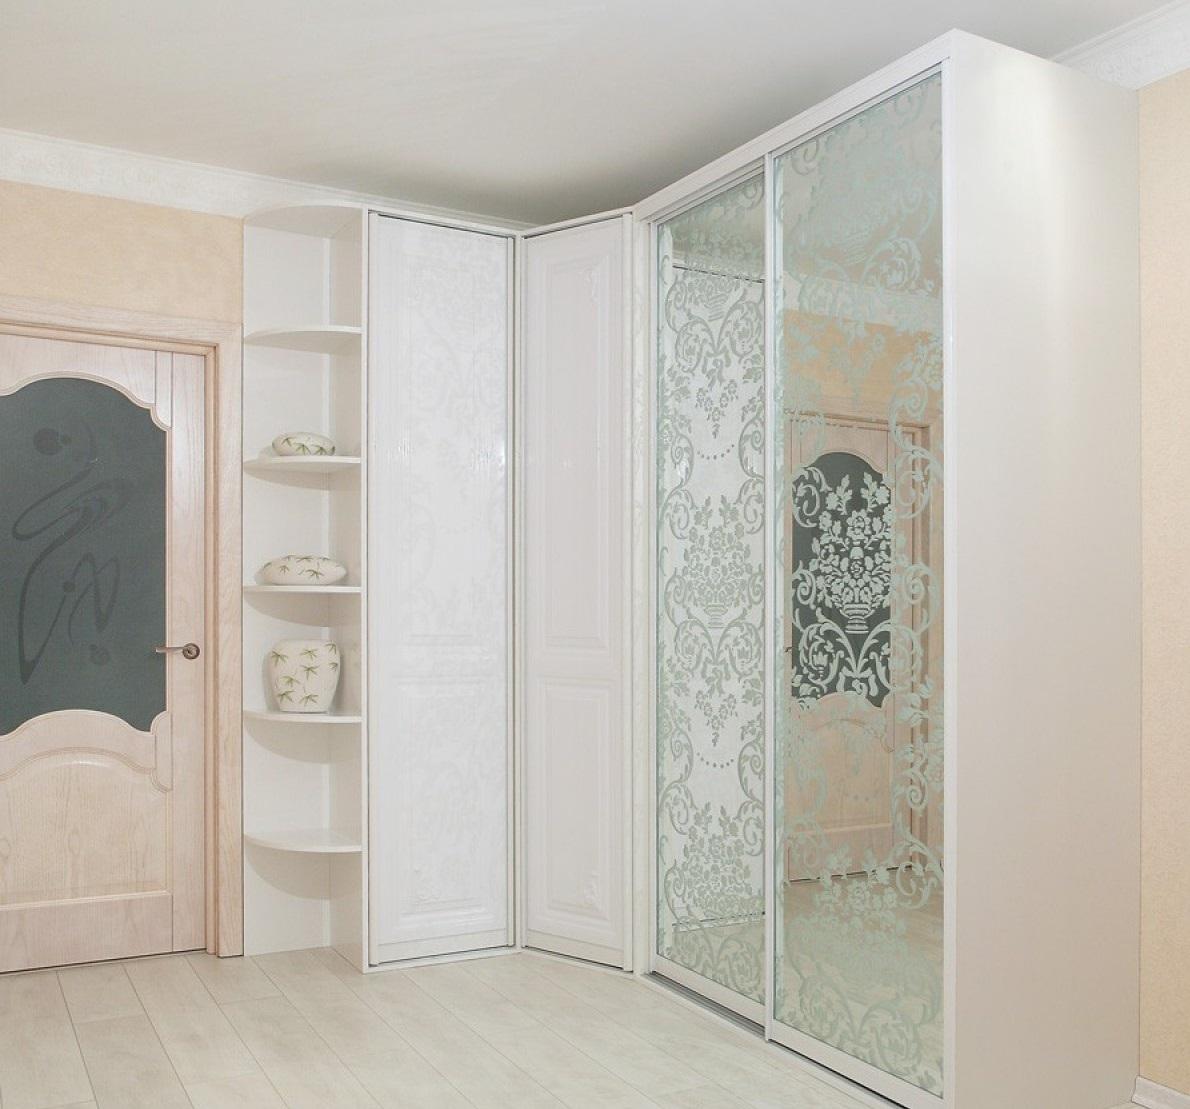 Угловые шкафы в прихожую: виды и модели (фото)